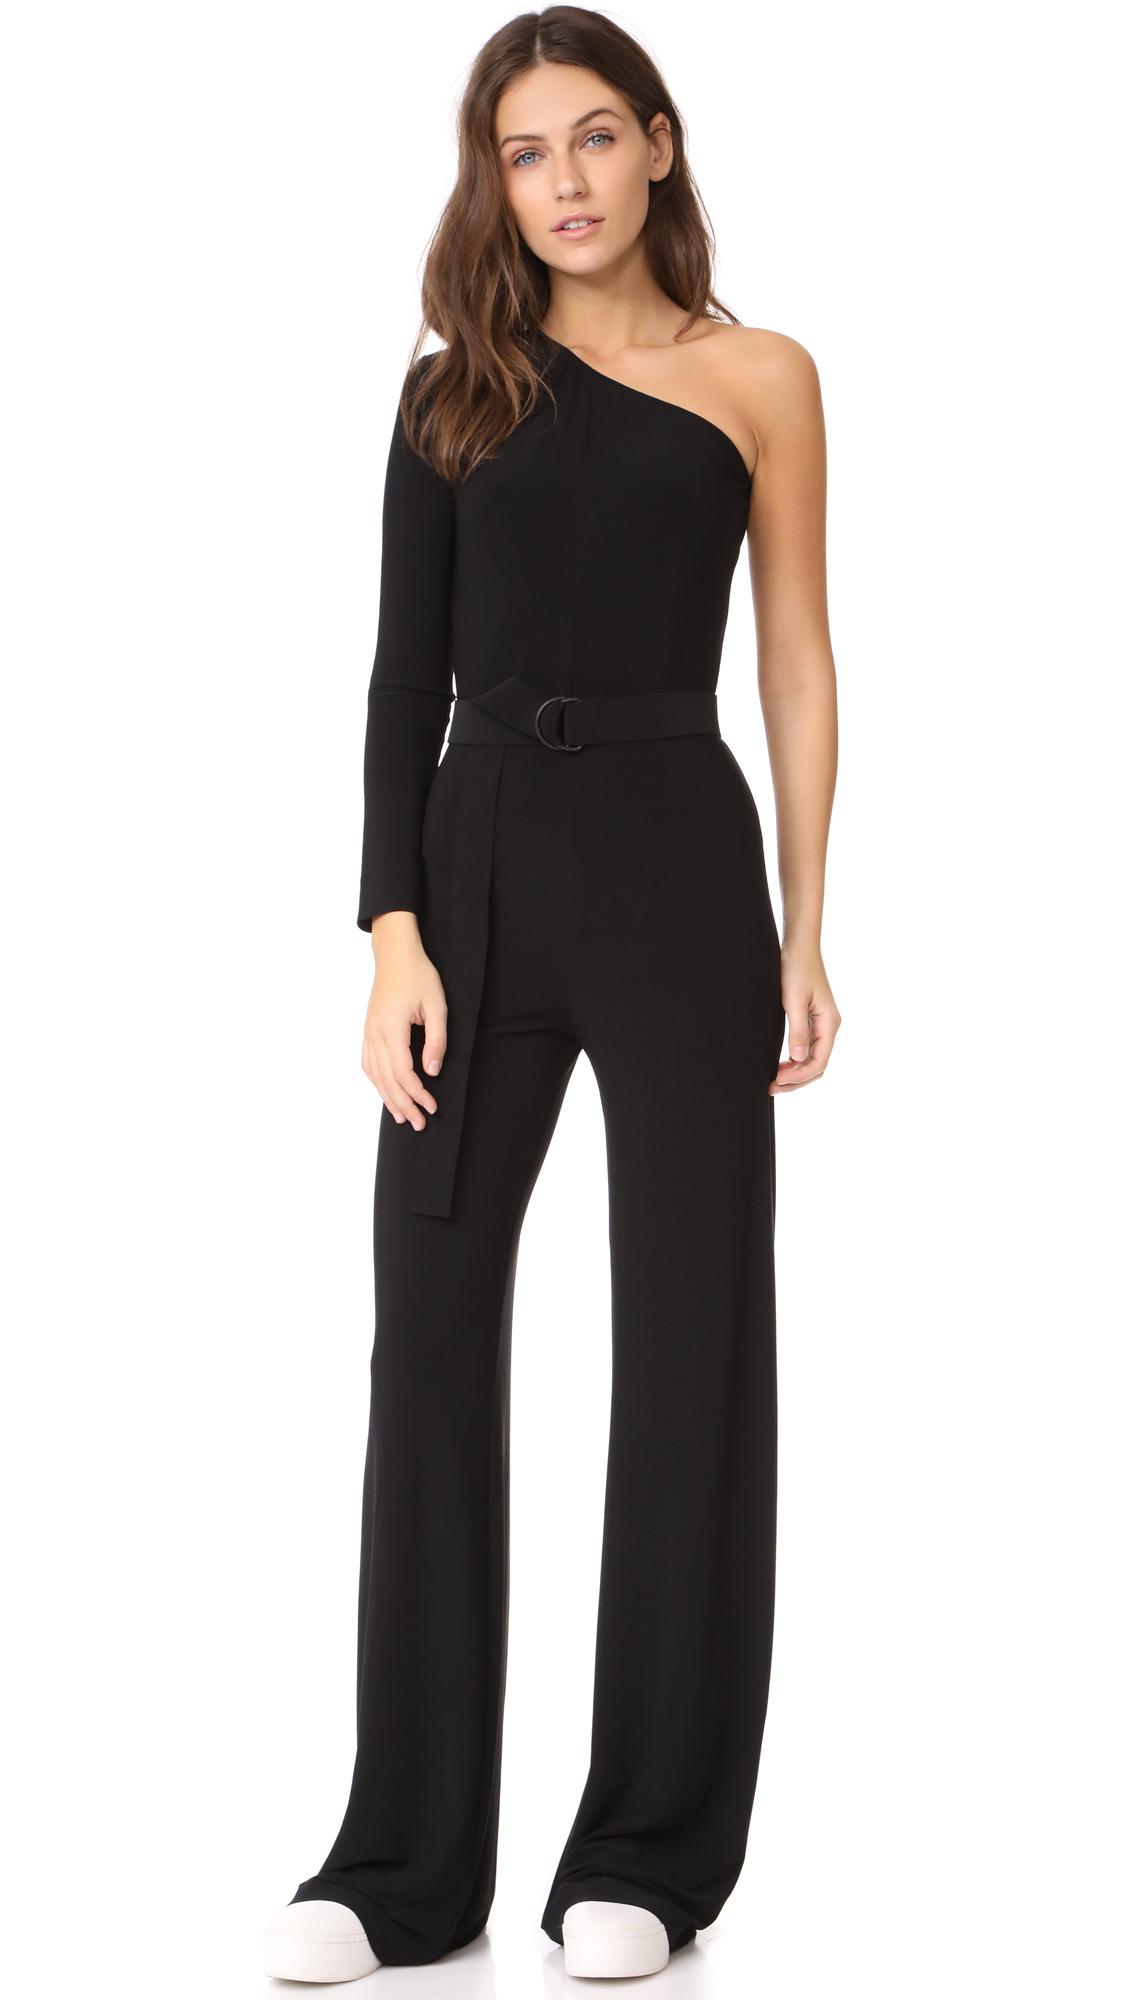 Norma Kamali One Shoulder Jumpsuit - Black